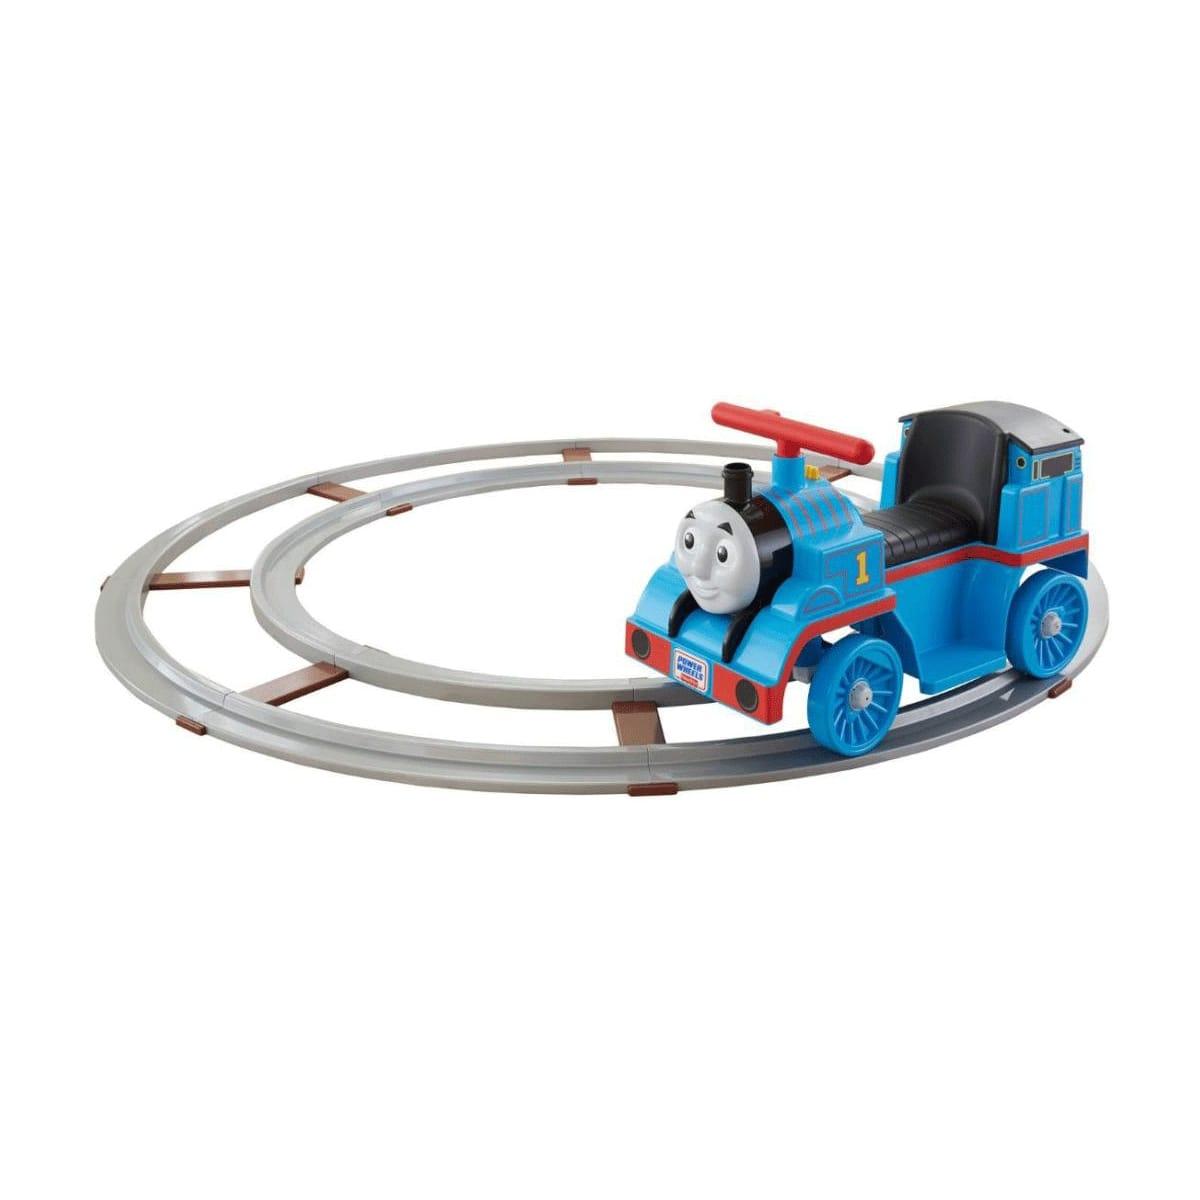 トーマストレイン 線路付電動電車 6Vバッテリー付 電動カー Fisher-Price Power Wheels Thomas the Train On Track 6-Volt Battery-Powered Ride-On